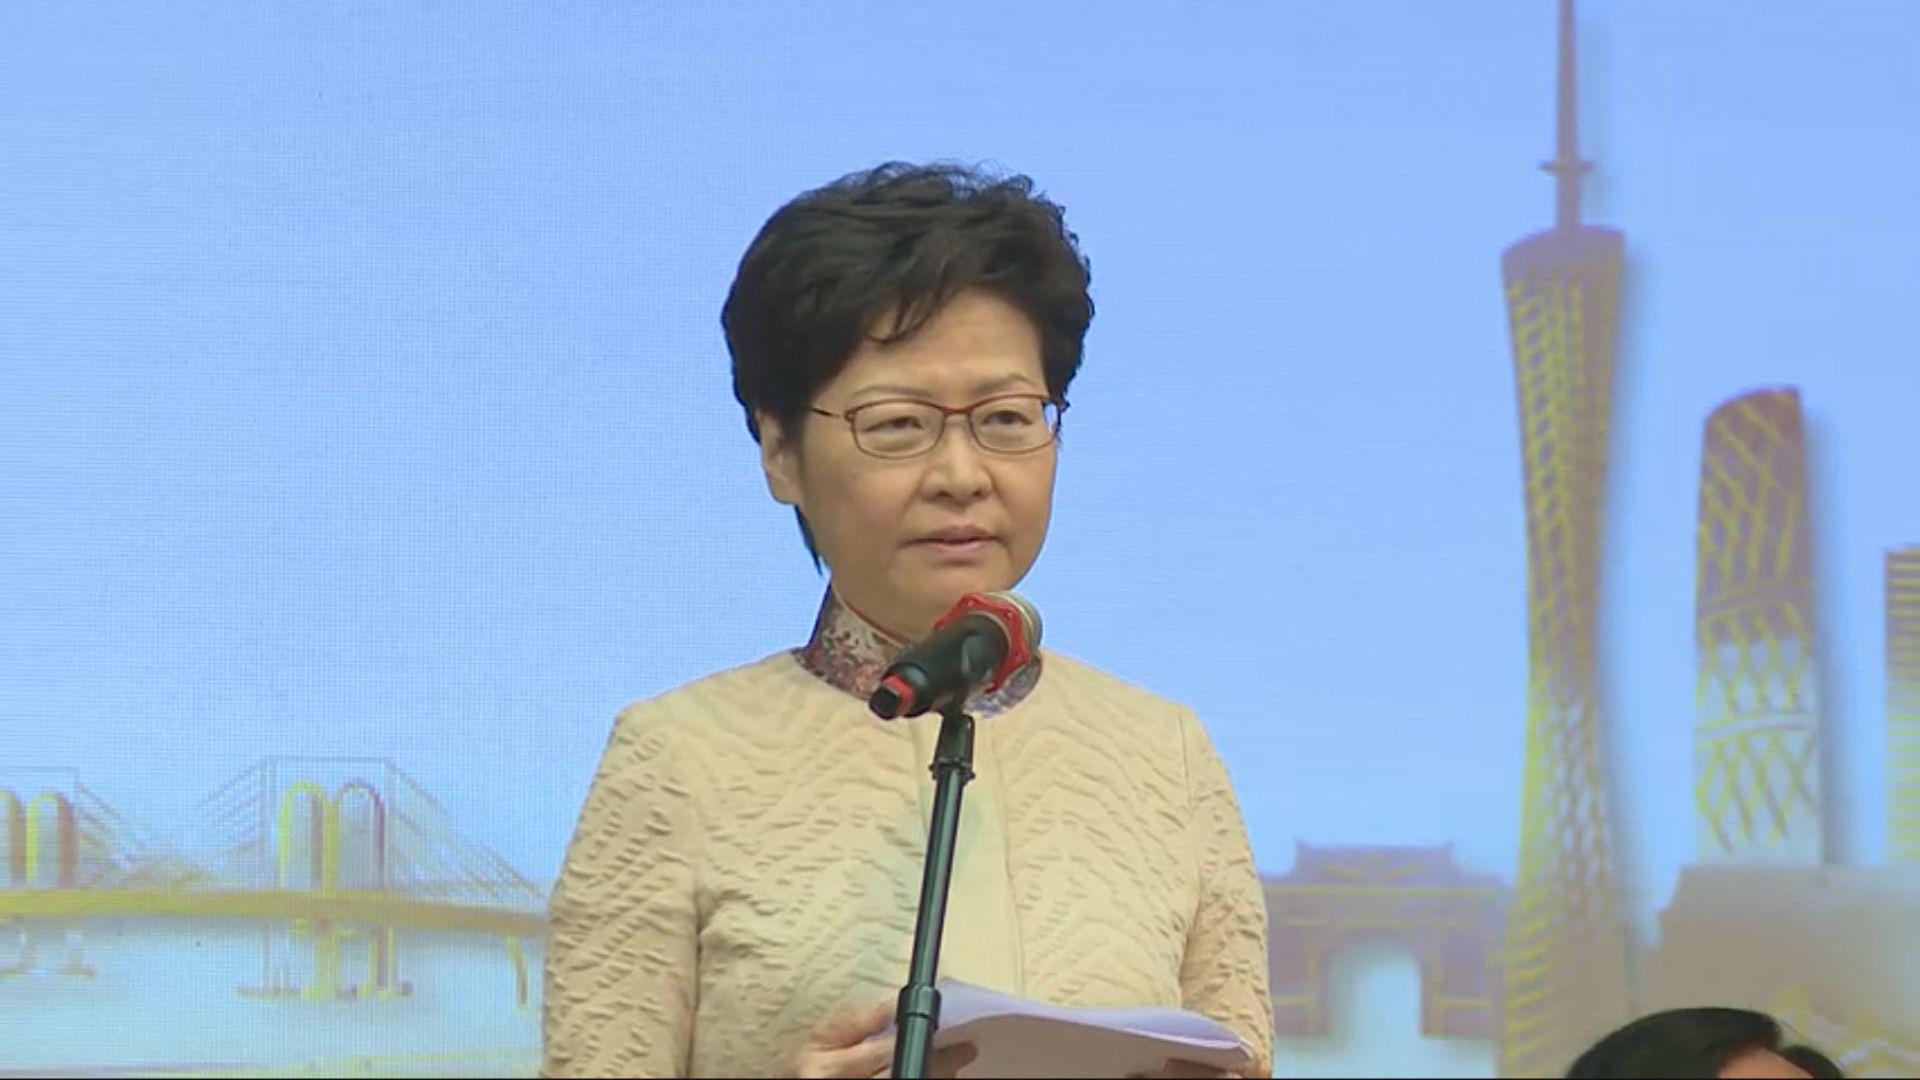 林鄭月娥:政府會竭盡全力止暴制亂